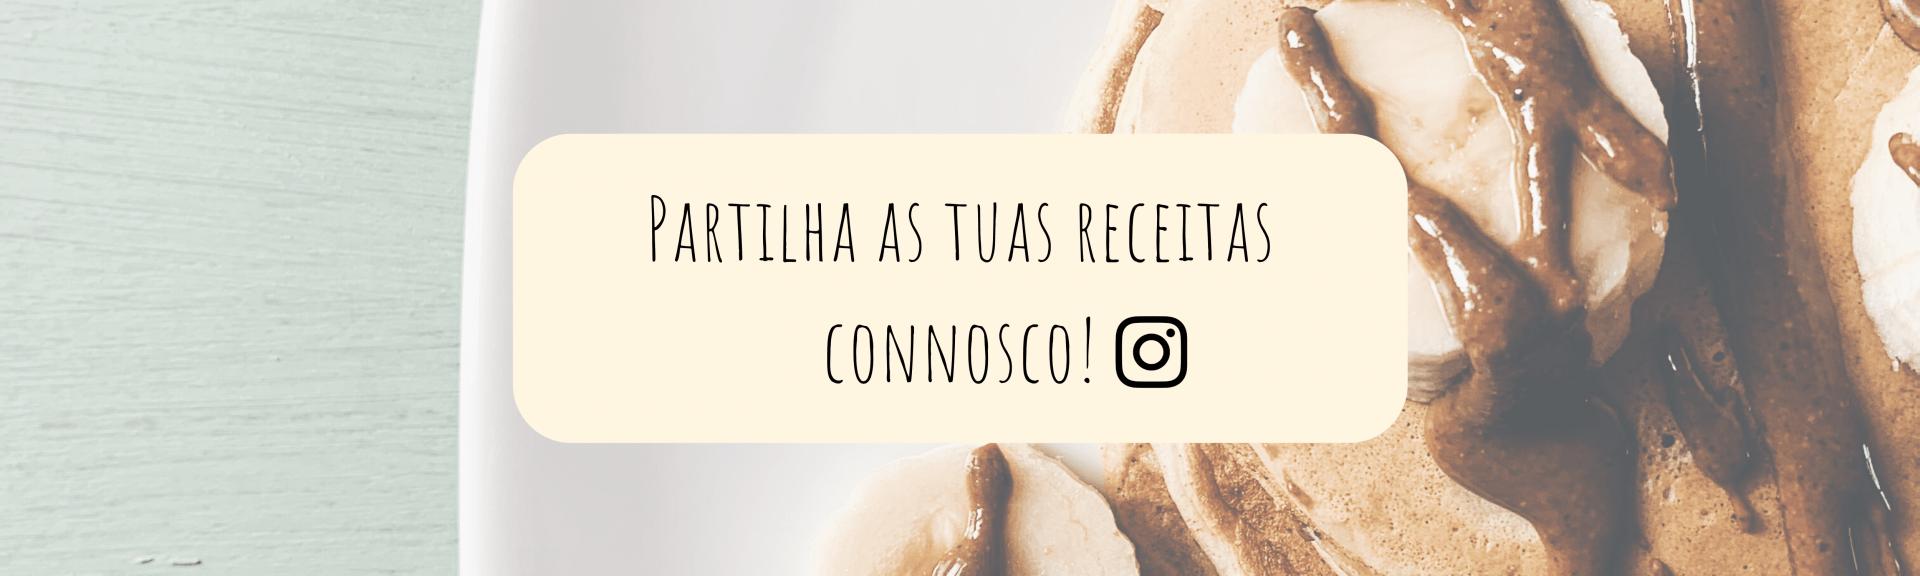 CTA Instagram